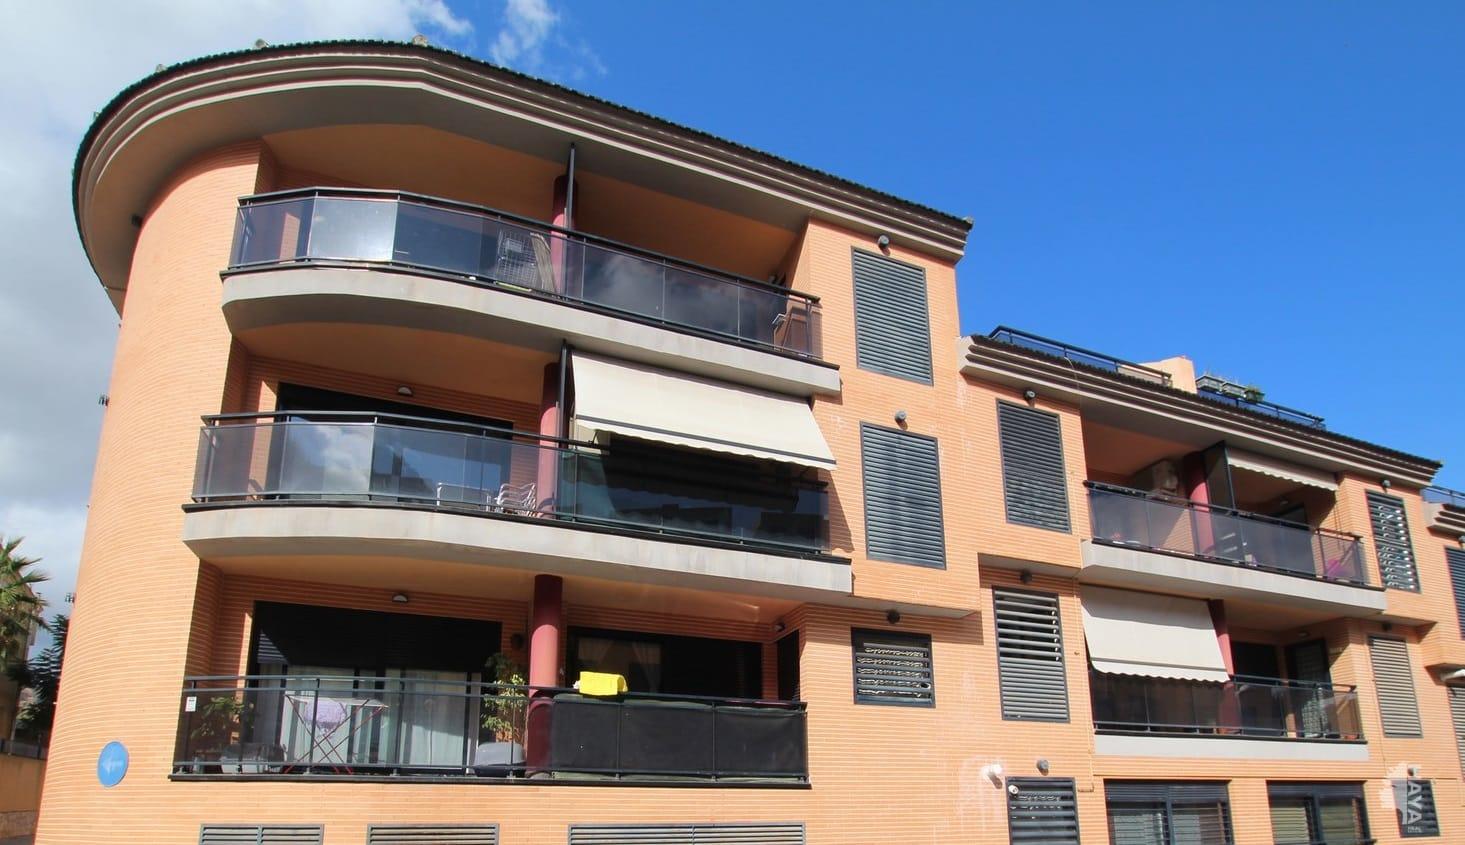 Piso en venta en Gilet, Valencia, Calle Antonio Machado, 124.700 €, 3 habitaciones, 2 baños, 136 m2